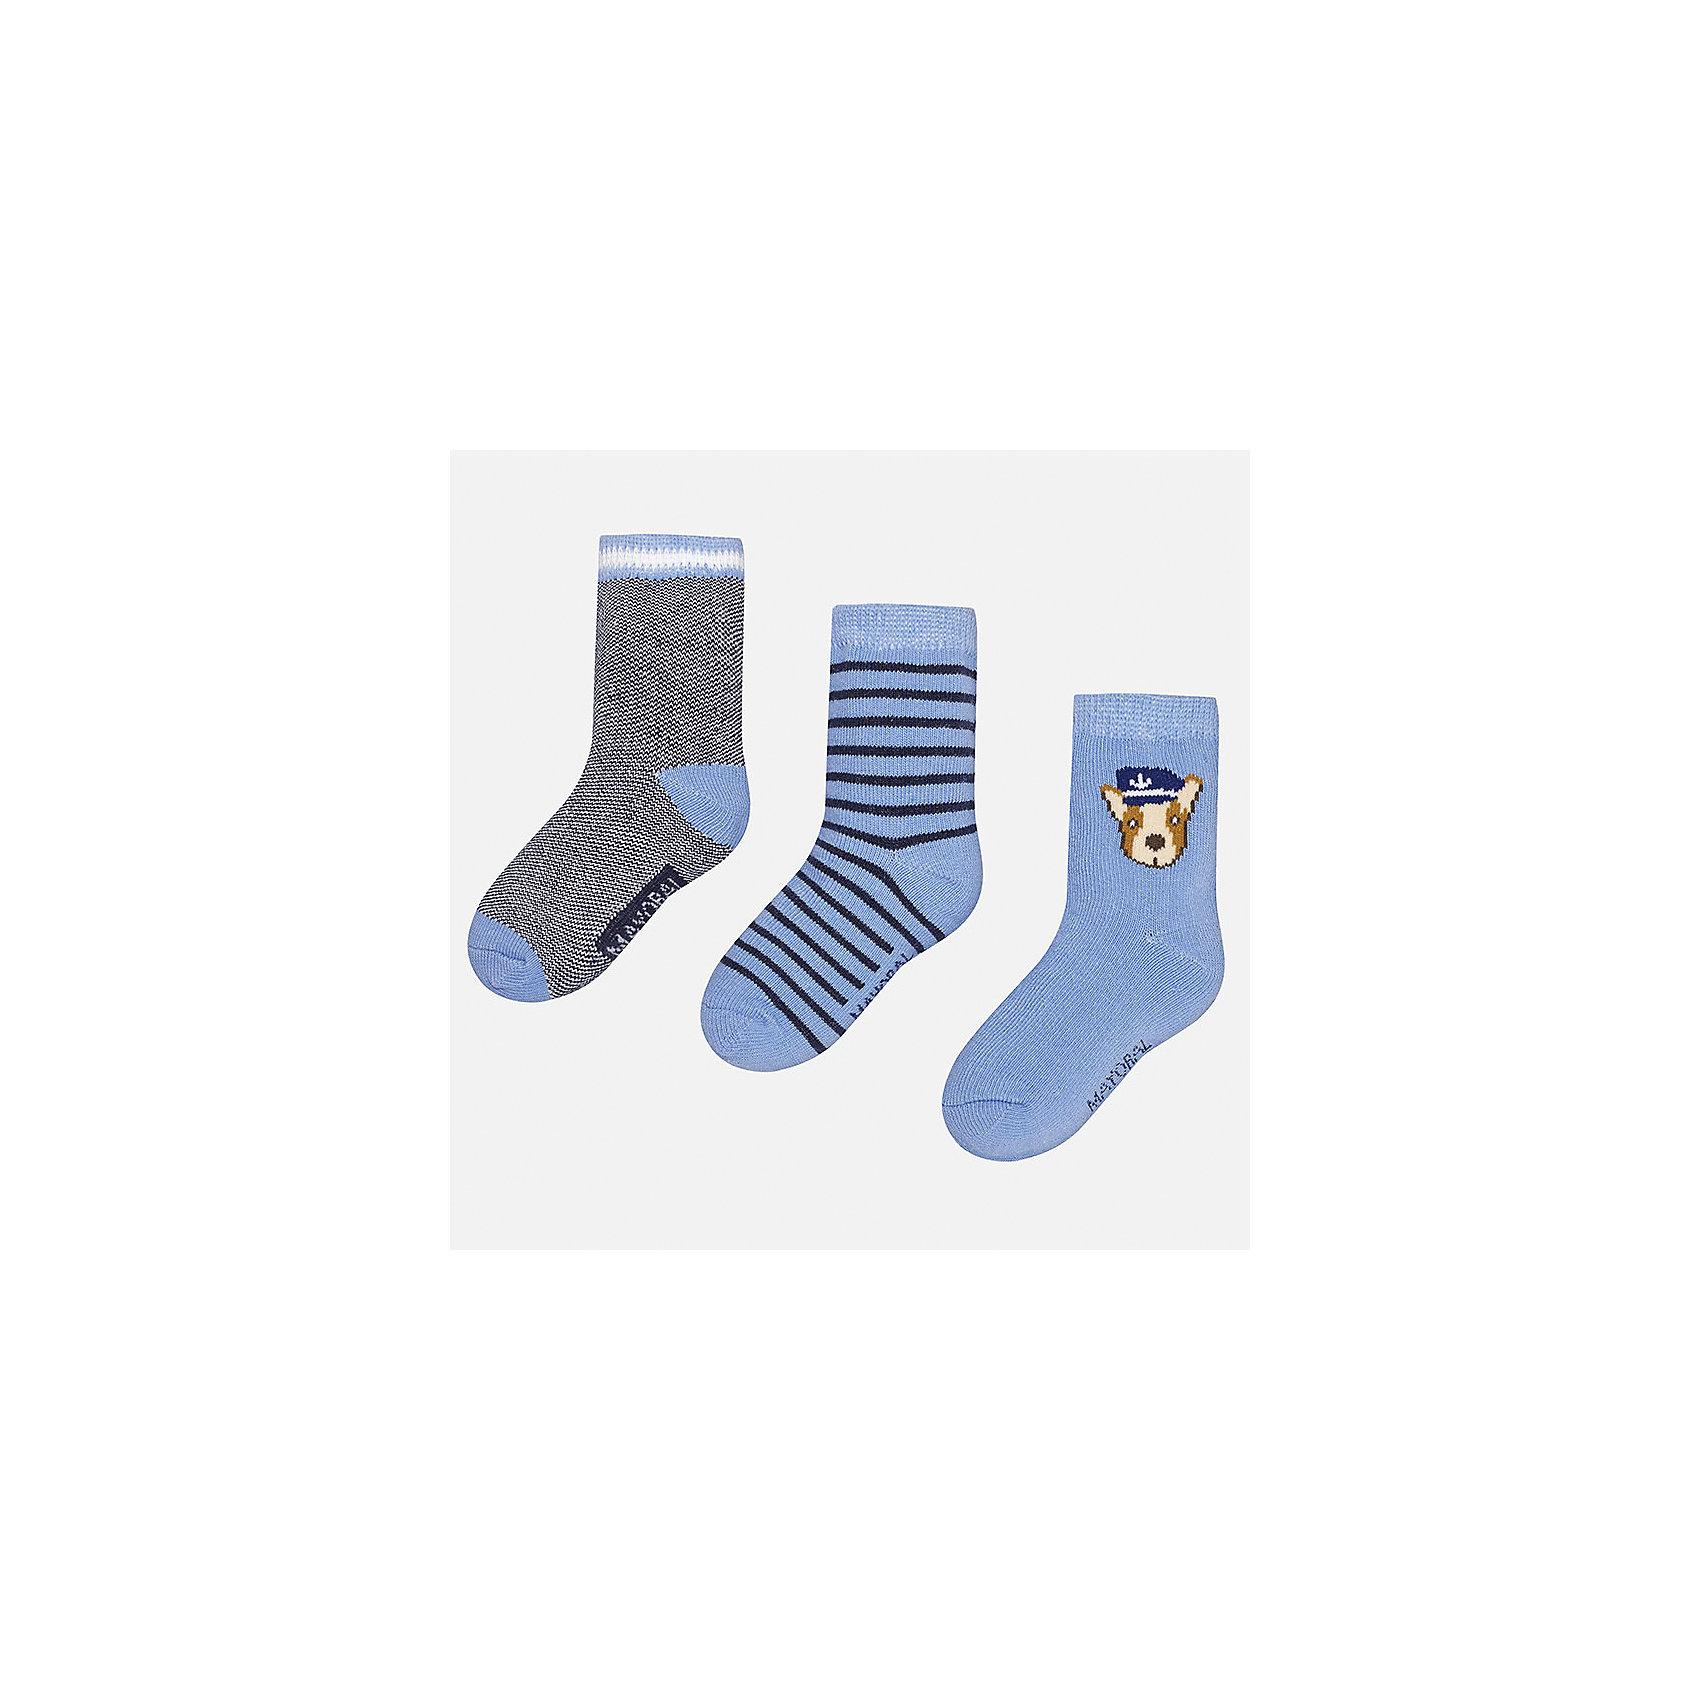 Носки (3 пары) для мальчика MayoralХарактеристики товара:<br><br>• цвет: голубой/серый<br>• состав: 78% хлопок, 20% полиамид, 2% эластан<br>• комплектация: три пары<br>• мягкая резинка<br>• эластичный материал<br>• декорированы рисунком<br>• страна бренда: Испания<br><br>Удобные симпатичные носки для мальчика помогут обеспечить ребенку комфорт и дополнить наряд. Универсальный цвет позволяет надевать их под обувь разных расцветок. Носки удобно сидят на ноге и аккуратно смотрятся. Этот комплект - практичный и красивый! В составе материала - натуральный хлопок, гипоаллергенный, приятный на ощупь, дышащий. <br><br>Одежда, обувь и аксессуары от испанского бренда Mayoral полюбились детям и взрослым по всему миру. Модели этой марки - стильные и удобные. Для их производства используются только безопасные, качественные материалы и фурнитура. Порадуйте ребенка модными и красивыми вещами от Mayoral! <br><br>Носки (3 пары) для мальчика от испанского бренда Mayoral (Майорал) можно купить в нашем интернет-магазине.<br><br>Ширина мм: 87<br>Глубина мм: 10<br>Высота мм: 105<br>Вес г: 115<br>Цвет: белый<br>Возраст от месяцев: 12<br>Возраст до месяцев: 24<br>Пол: Мужской<br>Возраст: Детский<br>Размер: 2,1<br>SKU: 5294229